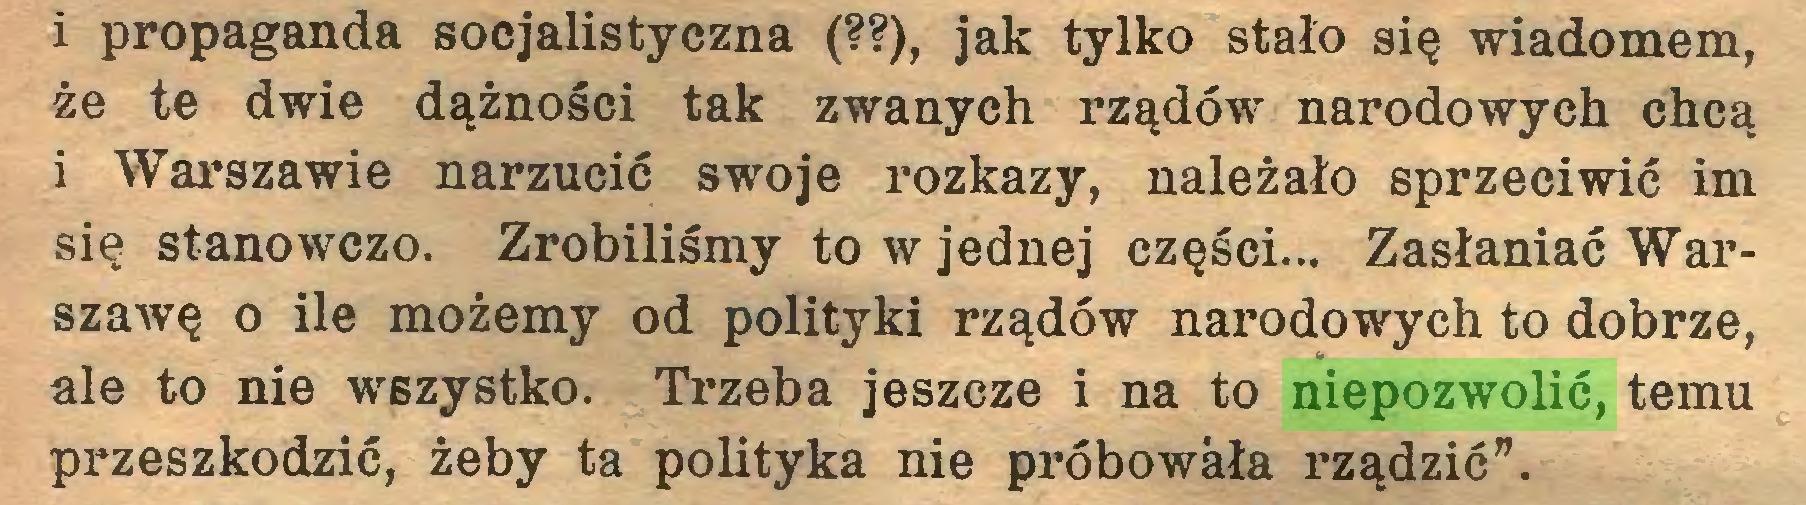 """(...) i propaganda socjalistyczna (??), jak tylko stało się wiadomem, że te dwie dążności tak zwanych rządów narodowych chcą i Warszawie narzucić swoje rozkazy, należało sprzeciwić im się stanowczo. Zrobiliśmy to w jednej części... Zasłaniać Warszawę o ile możemy od polityki rządów narodowych to dobrze, ale to nie wszystko. Trzeba jeszcze i na to niepozwolić, temu przeszkodzić, żeby ta polityka nie próbowała rządzić""""..."""